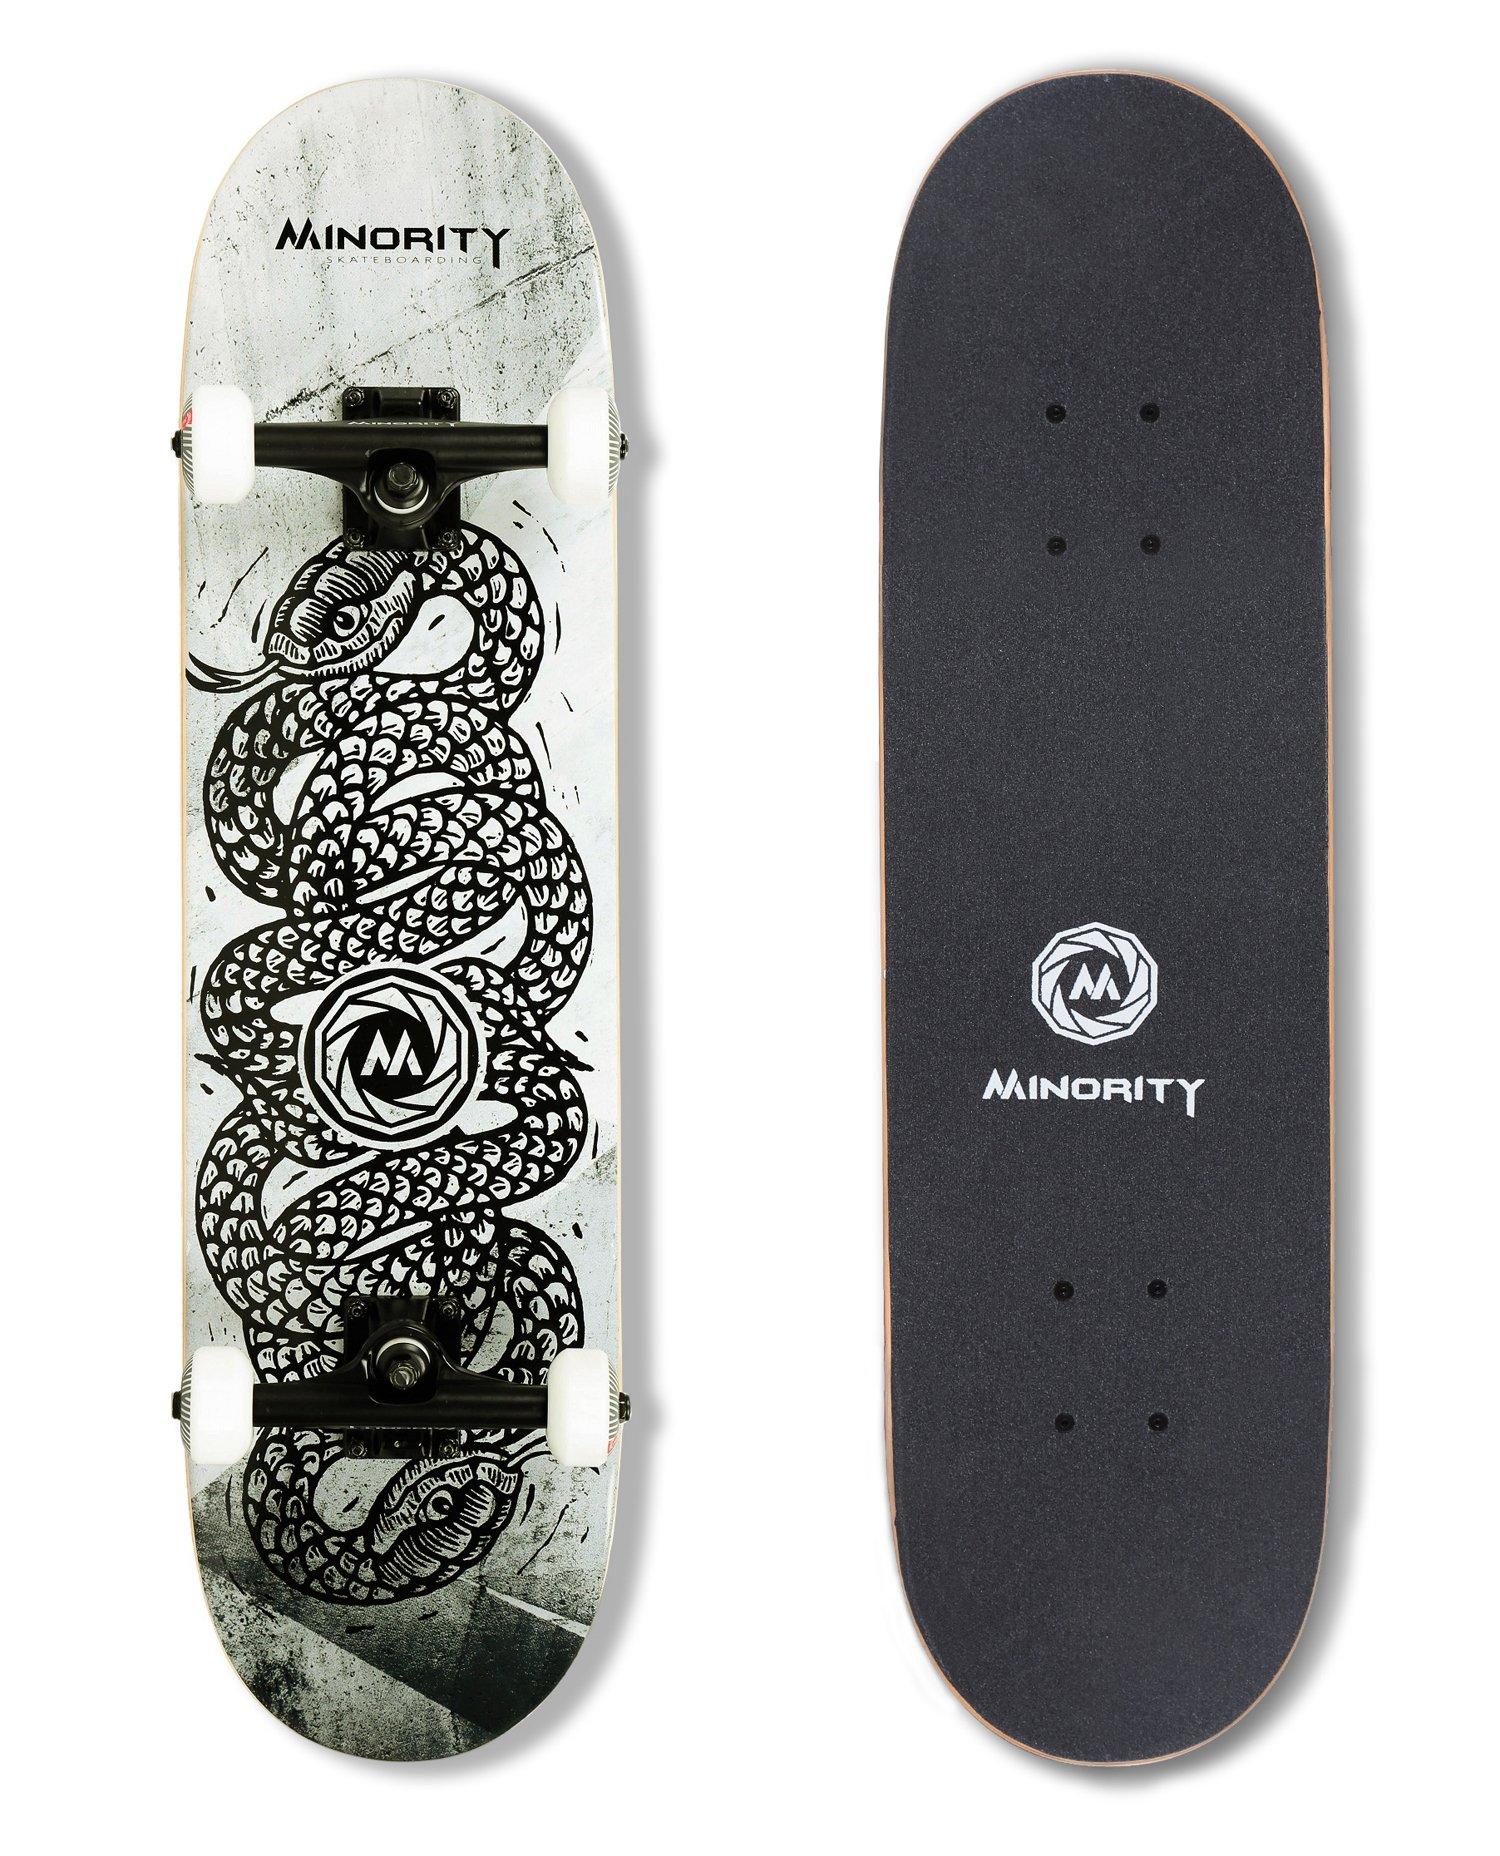 MINORITY 32inch Maple Skateboard (Snake) by MINORITY